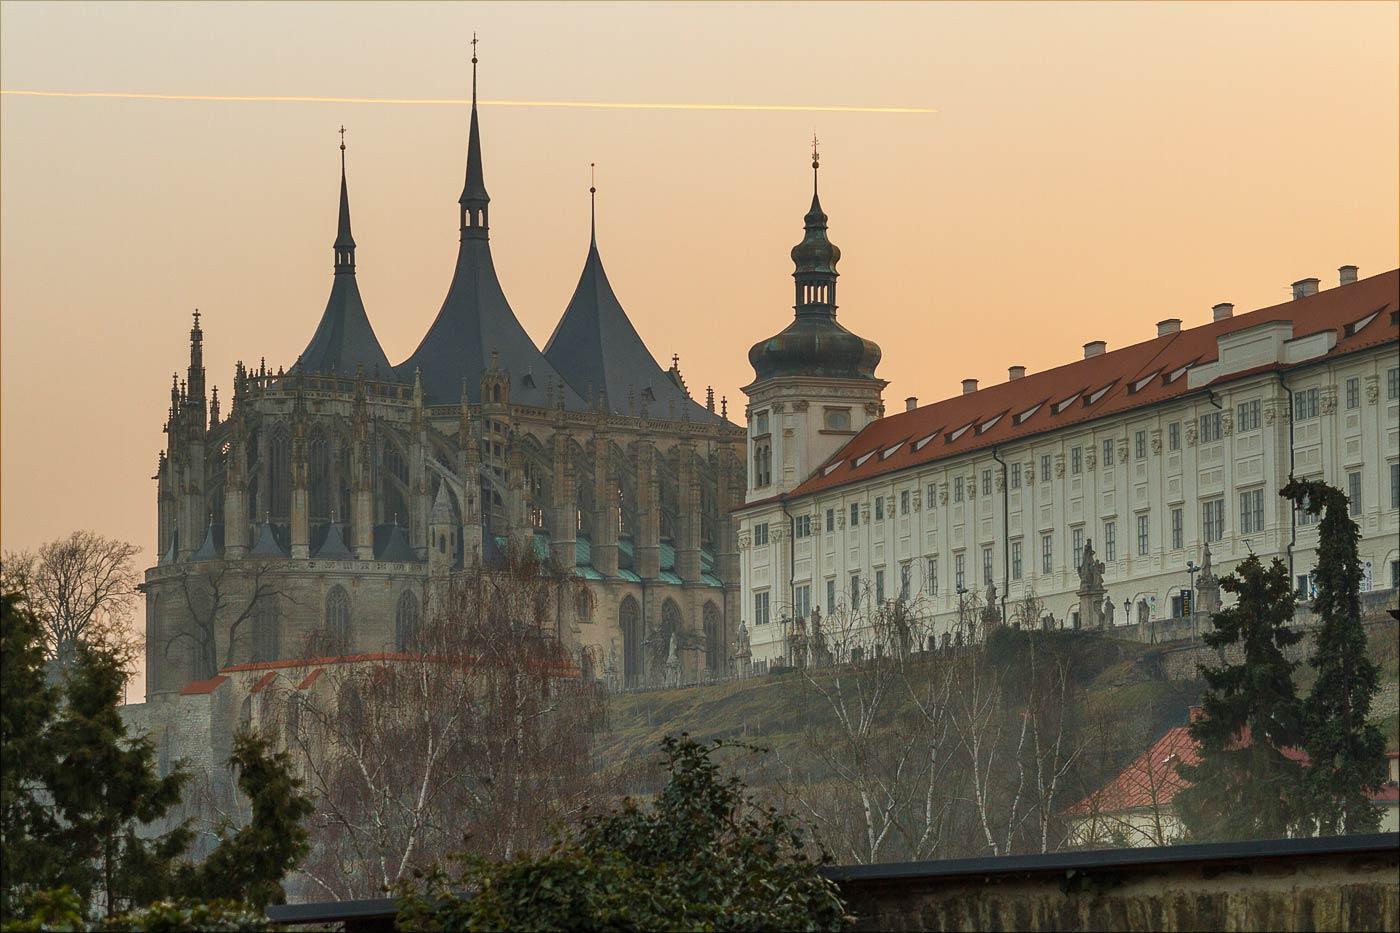 Костел Святой Барбары, Кутна Гора, Чехия